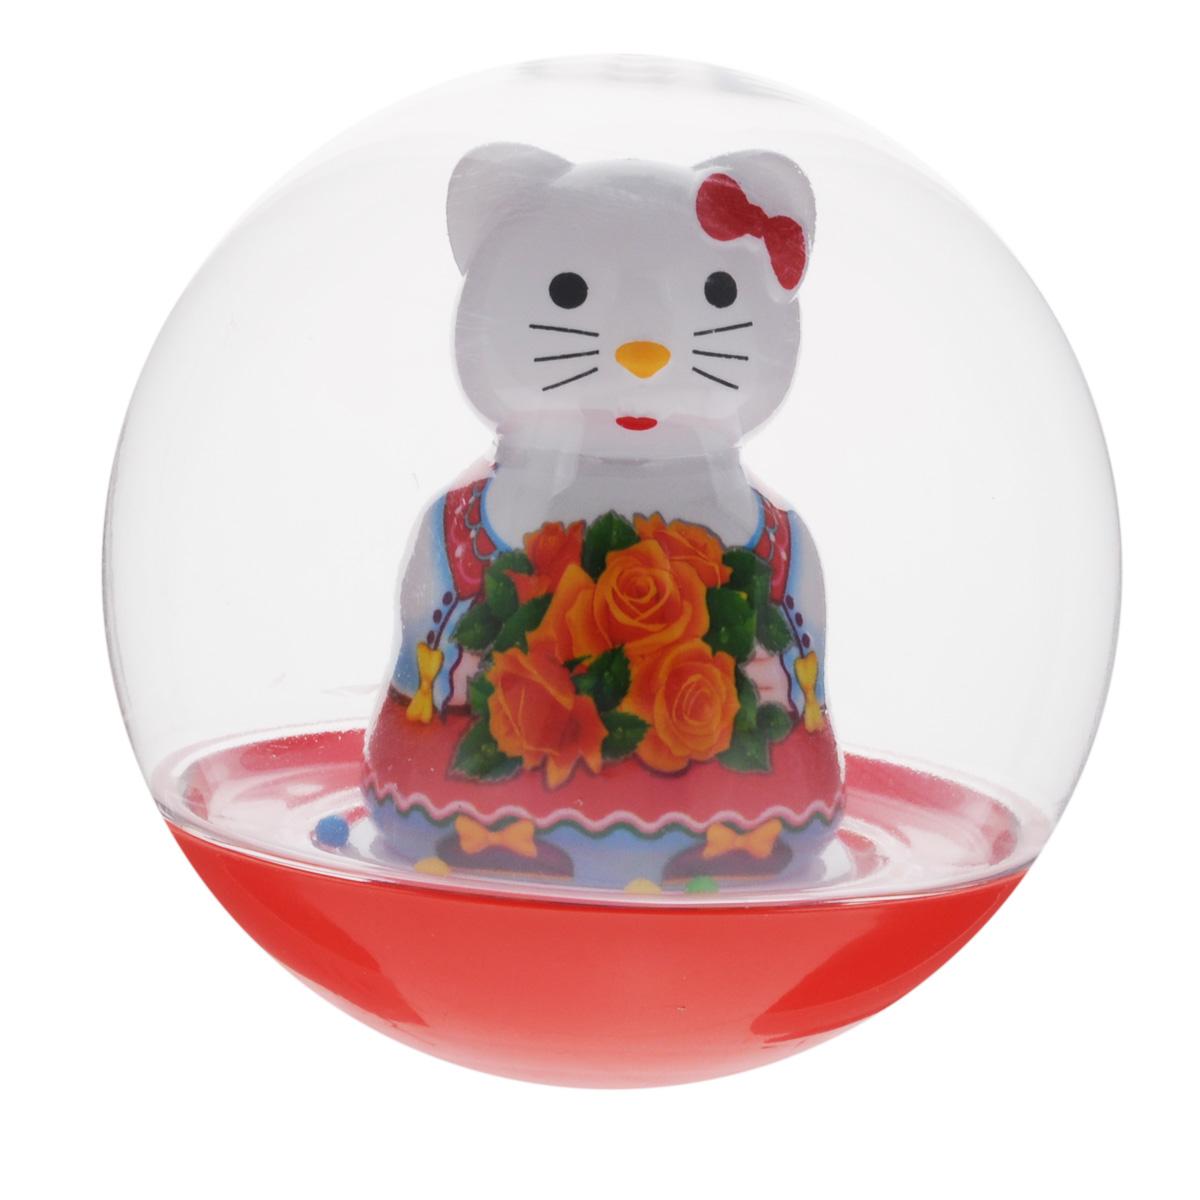 Stellar Погремушка-неваляшка Кошечка цвет красный stellar погремушка неваляшка мишка с розой цвет красный желтый